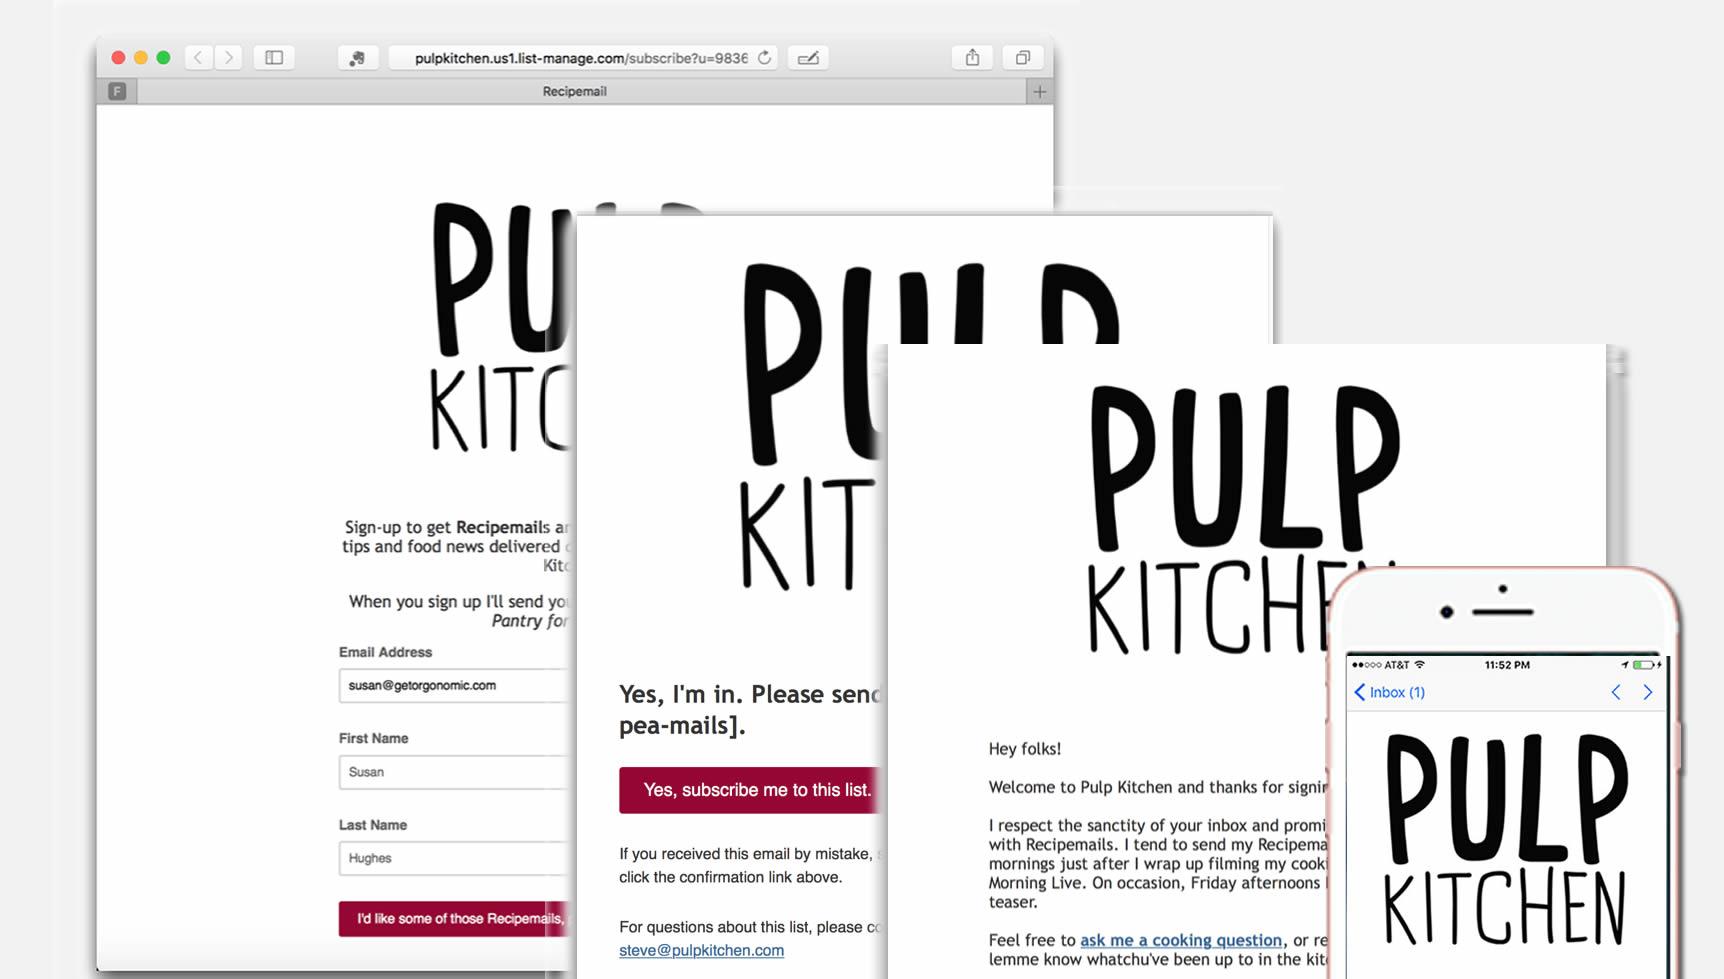 pulpKitchen_email_marketing.jpg